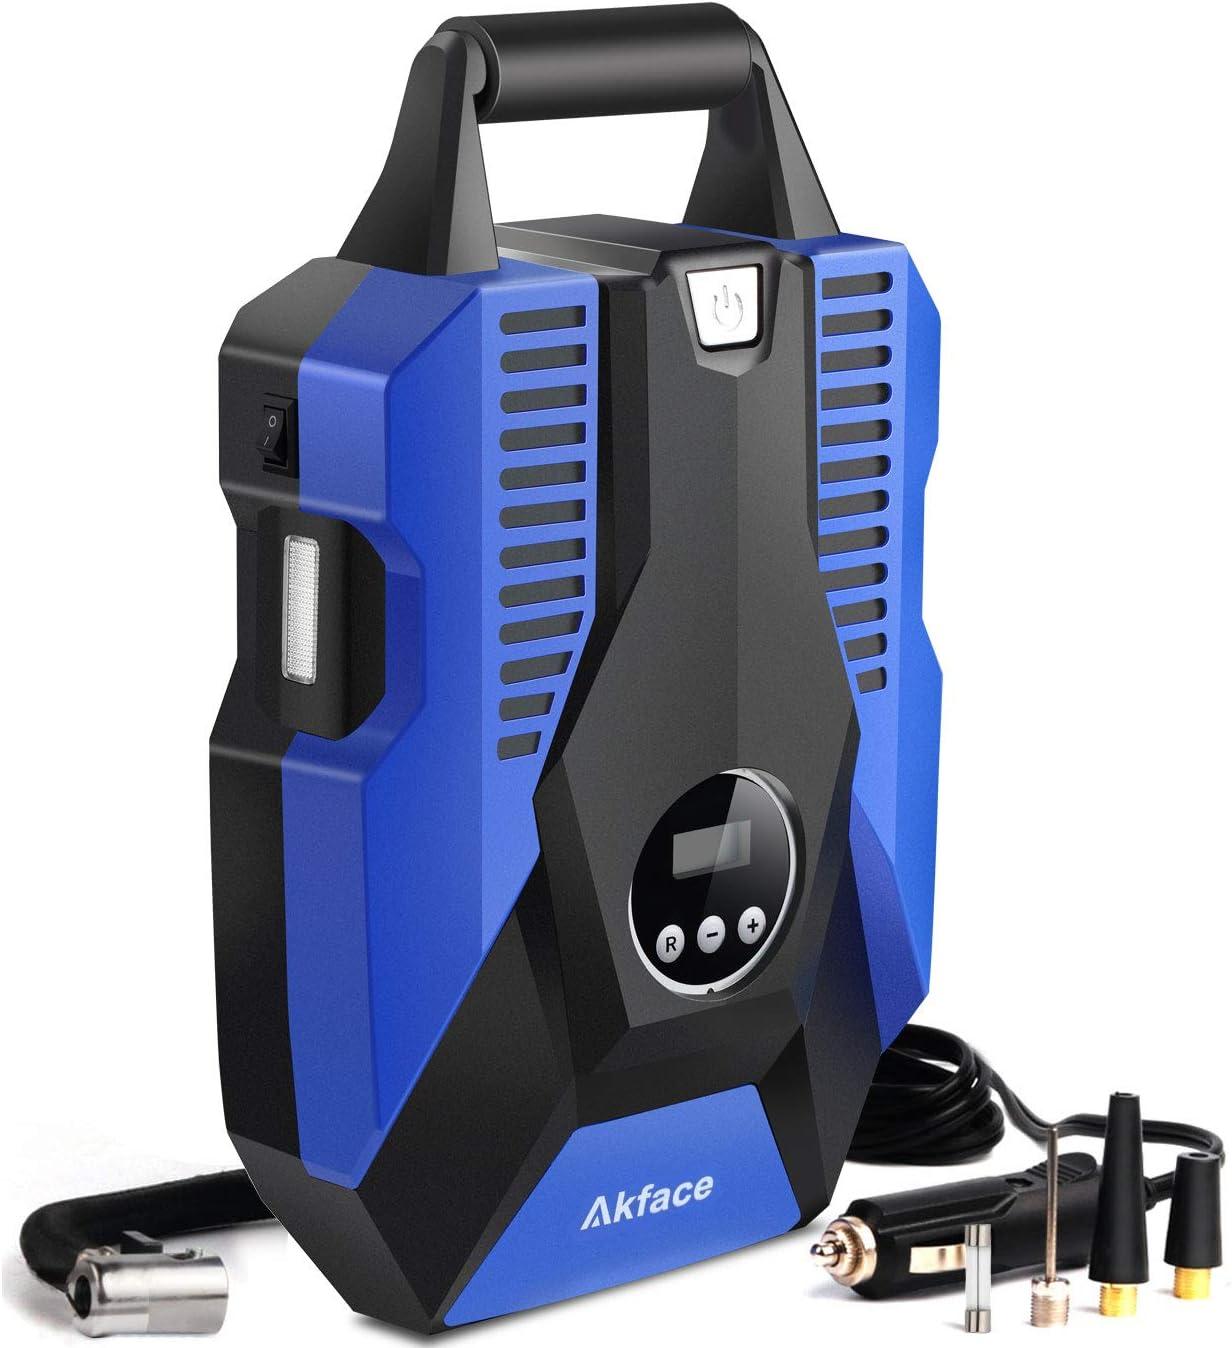 Compresores de Aire Portátiles Akface, Pantalla Digital de Hasta 150PSI DC 12V, Inflador de Neumáticos Digital con Manómetro para Inflables de Coche o Bicicleta